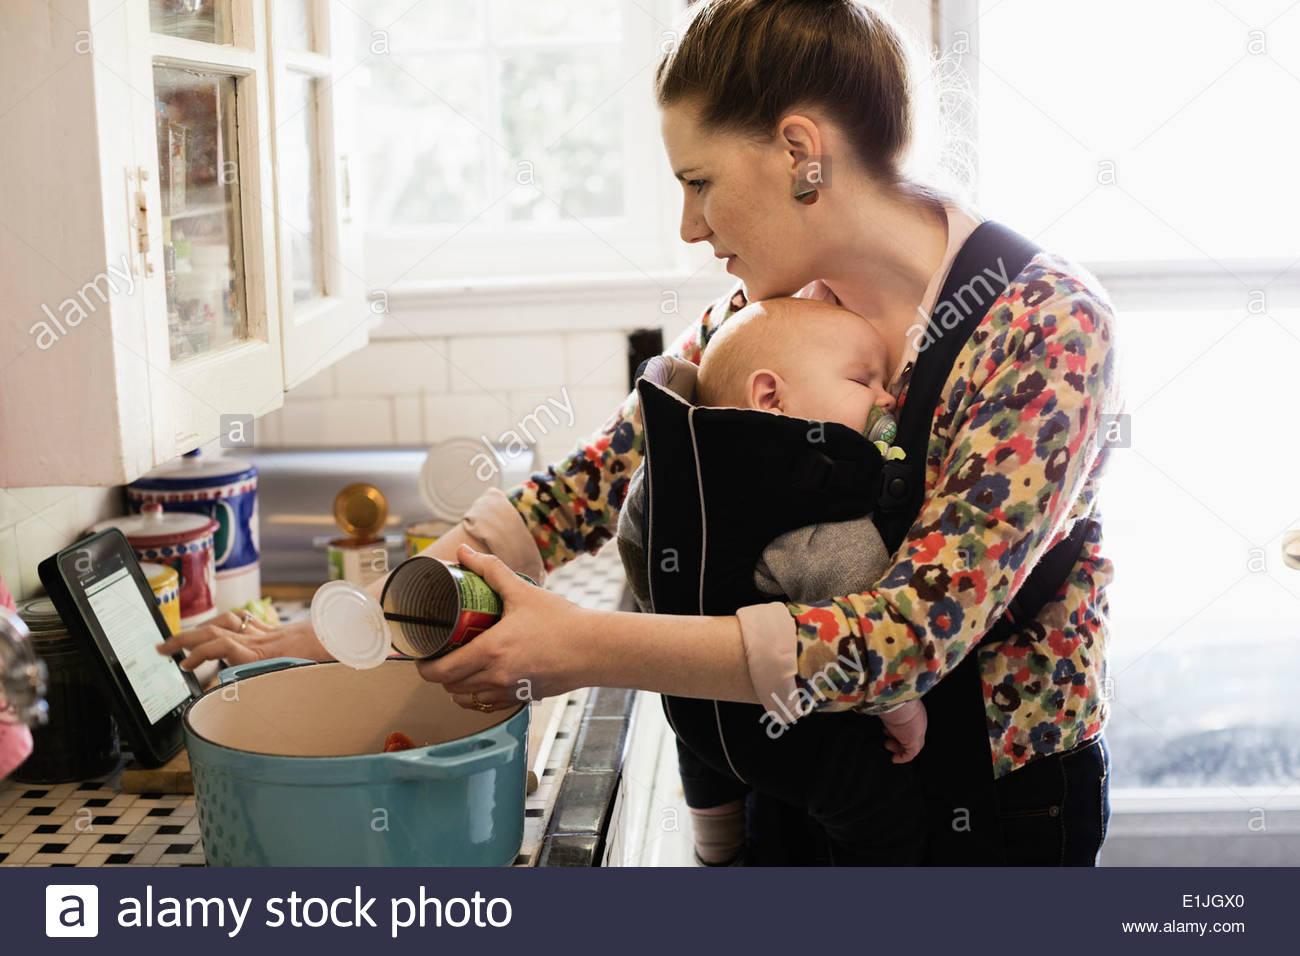 Metà adulto madre con bambino figlio di imbracare la preparazione di cibo in cucina Immagini Stock